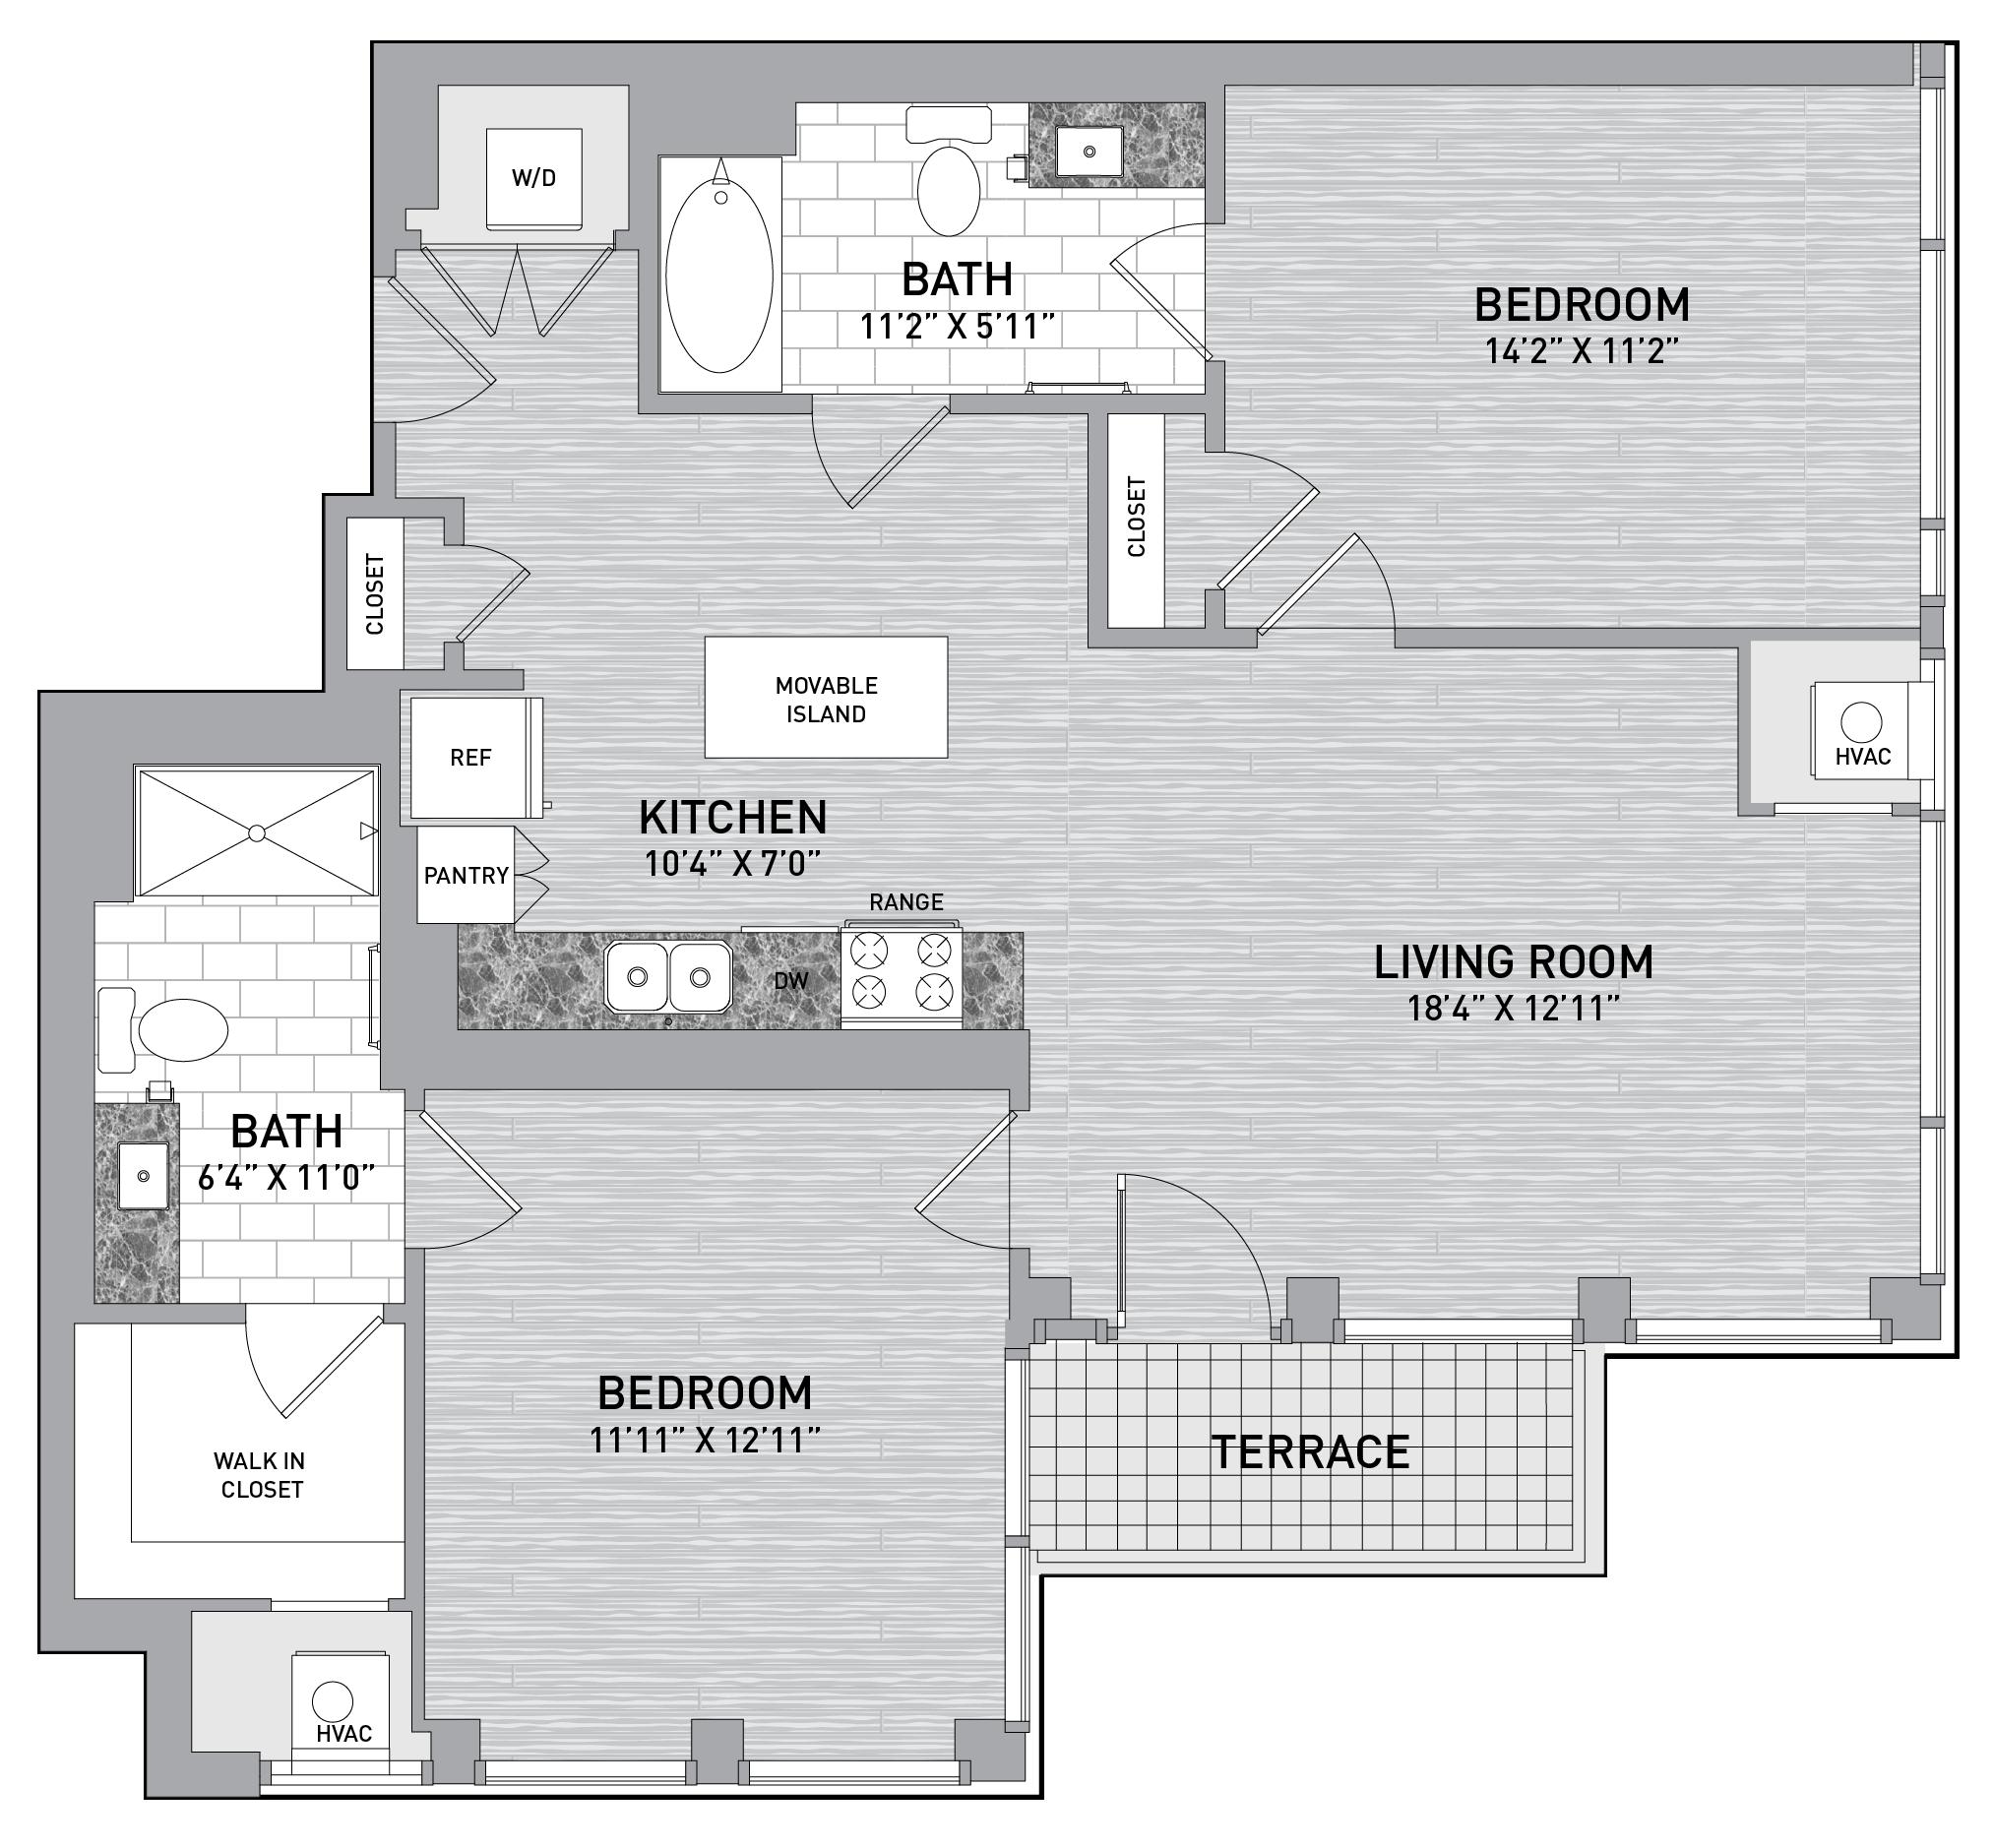 floorplan image of unit id 0819